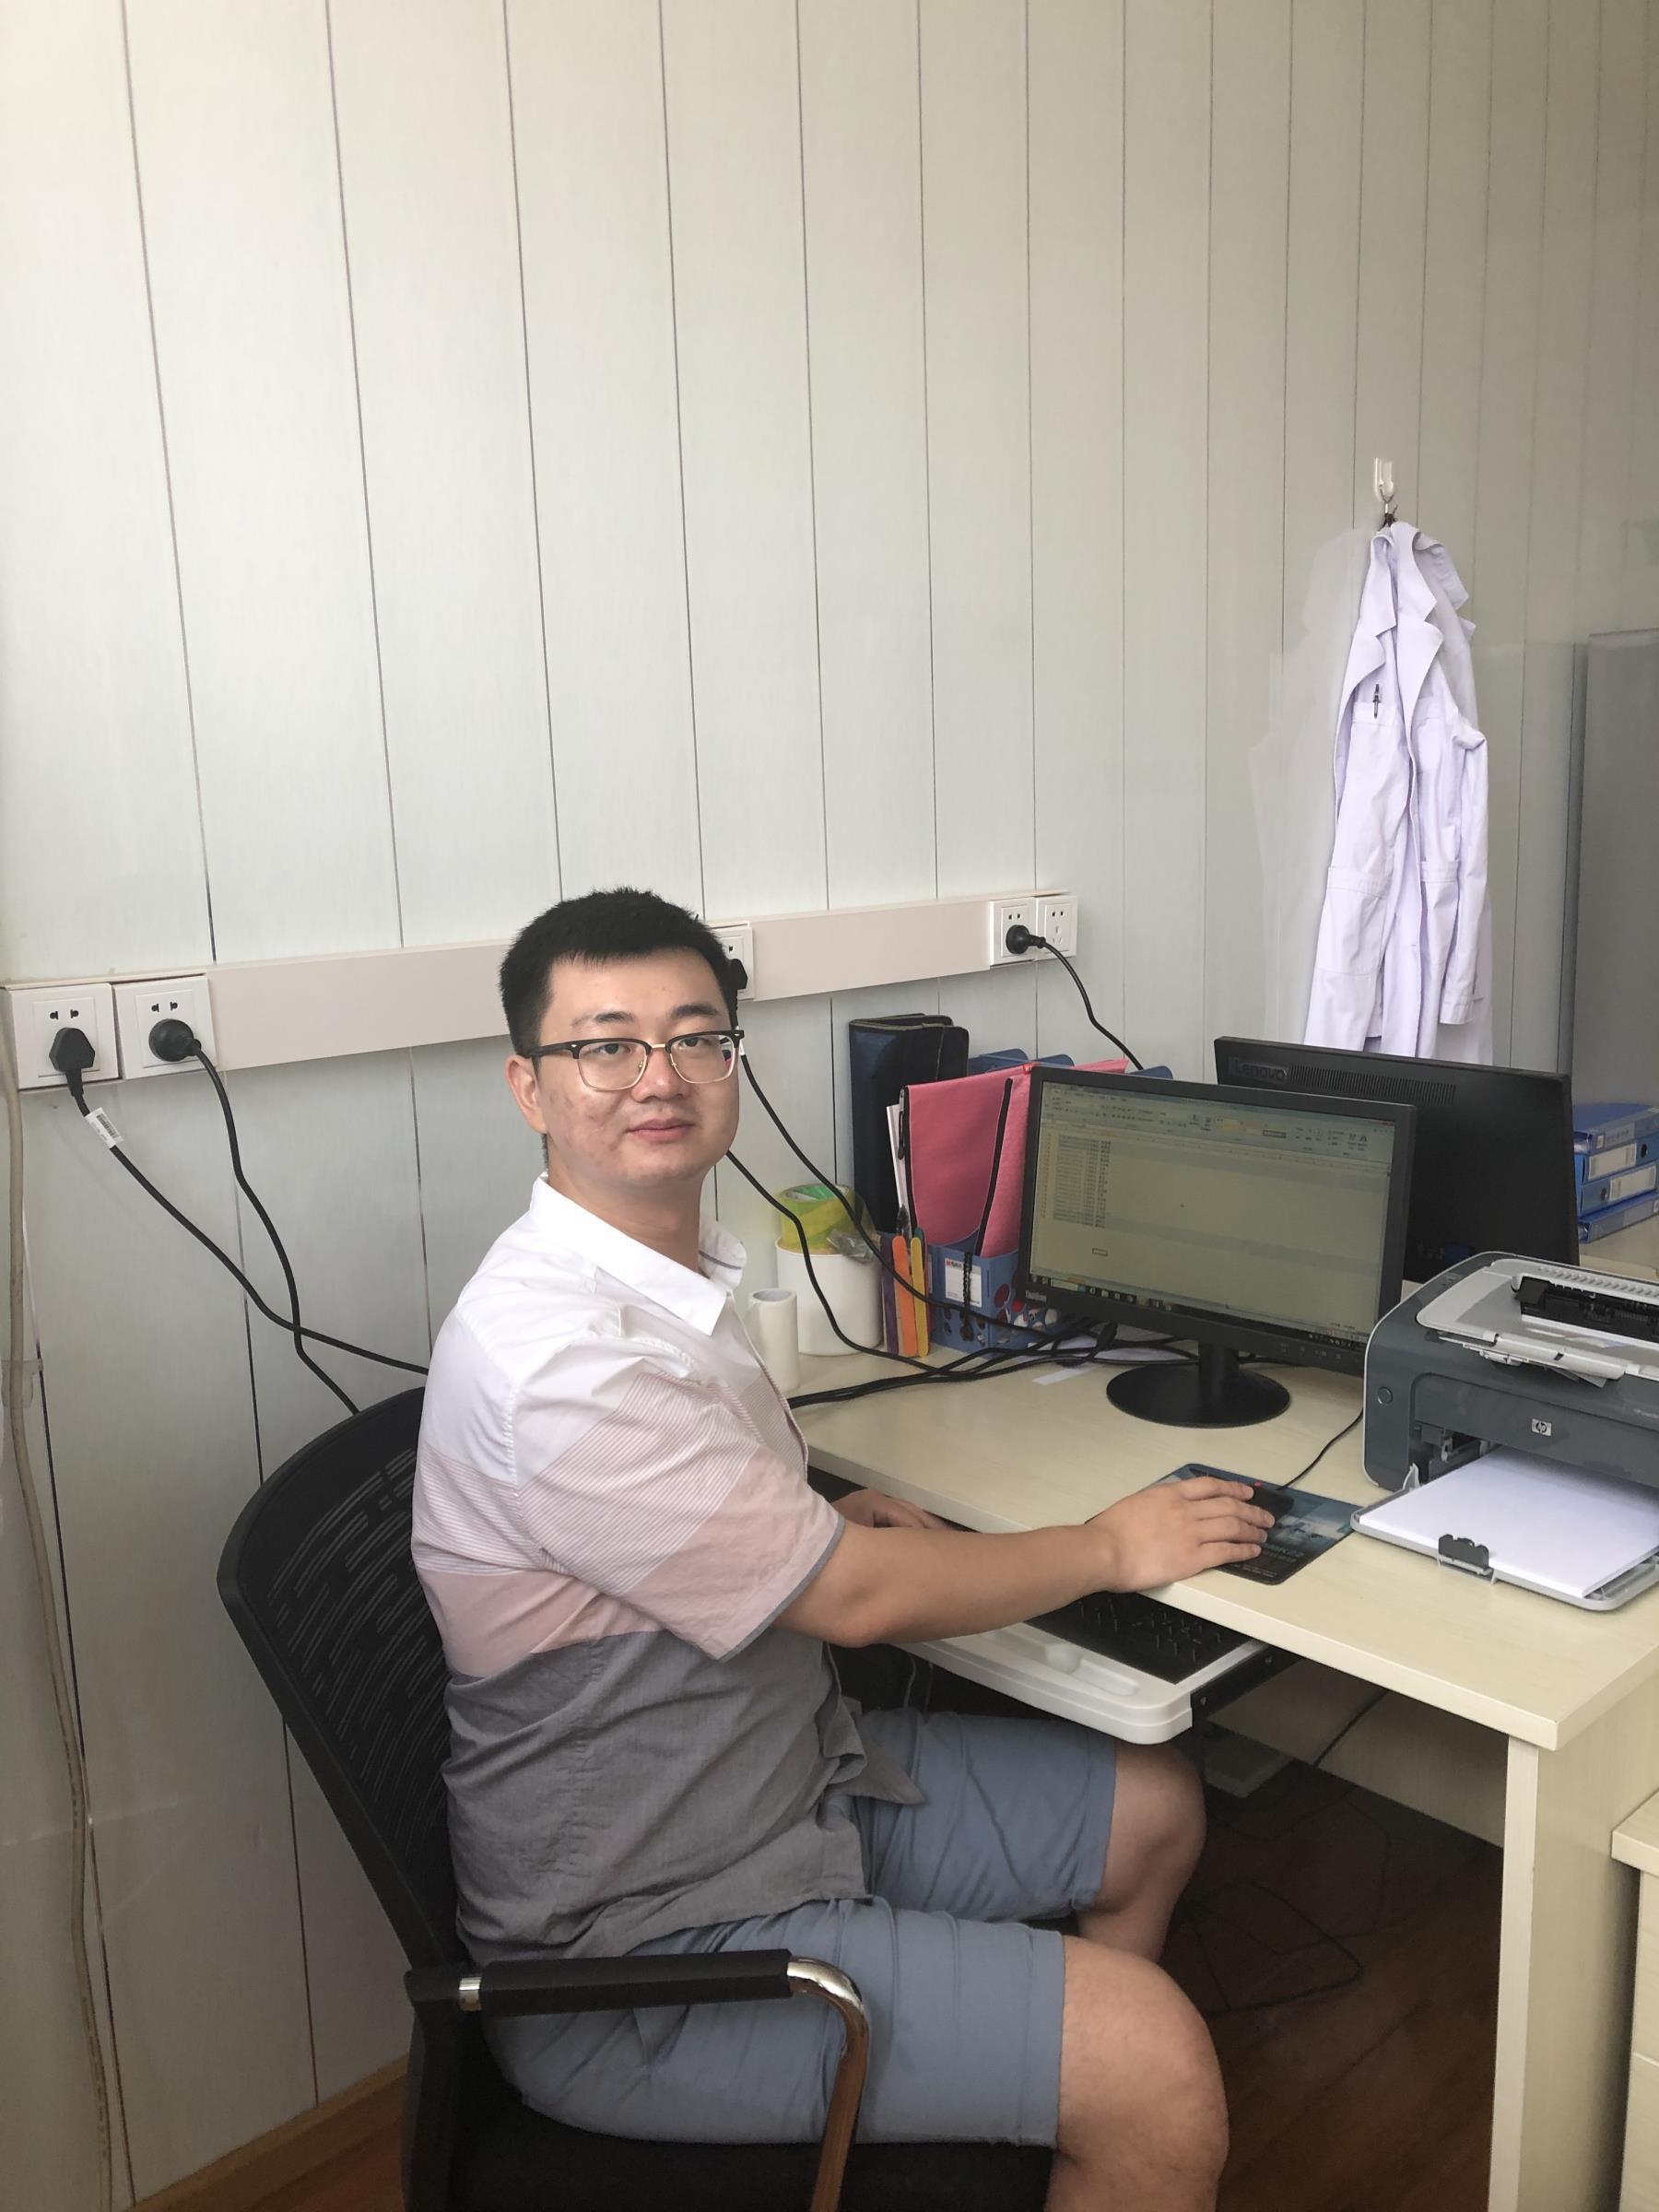 Peiyuan at his desk